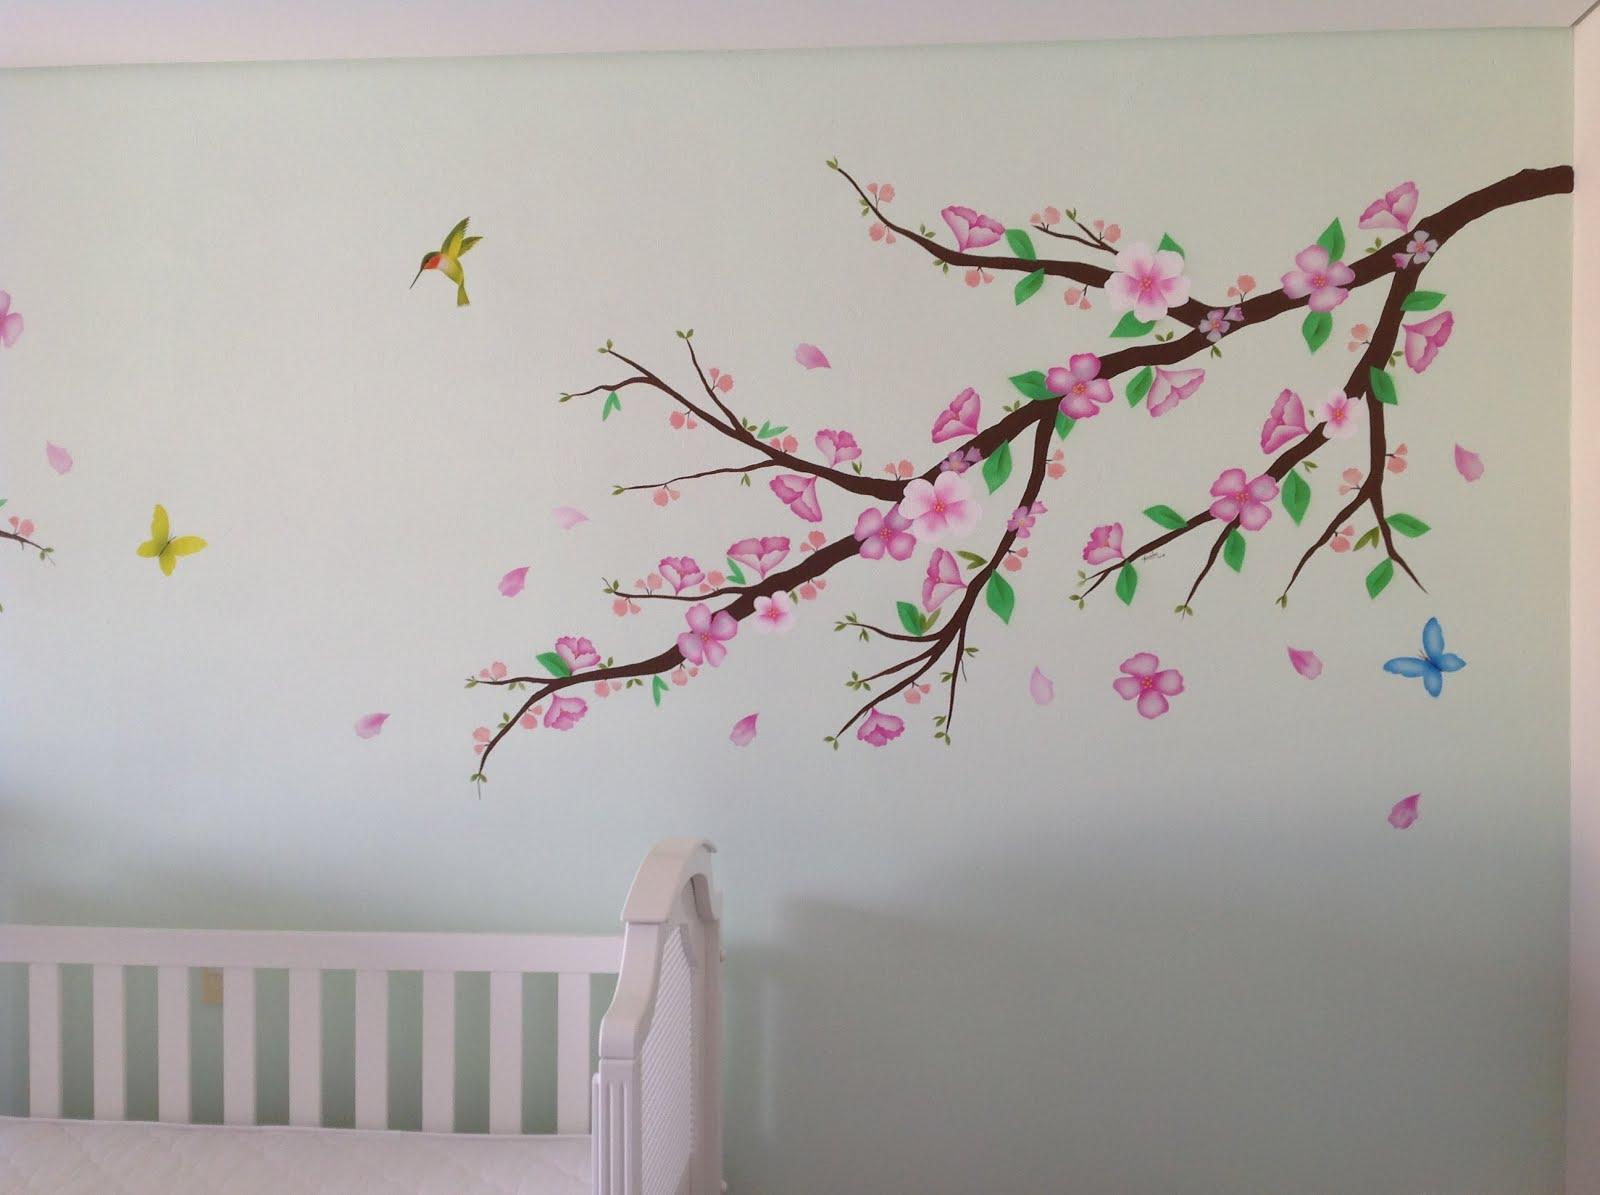 Murales infantiles y arte decorativo pintado a mano por un - Dibujos para paredes de bebes ...